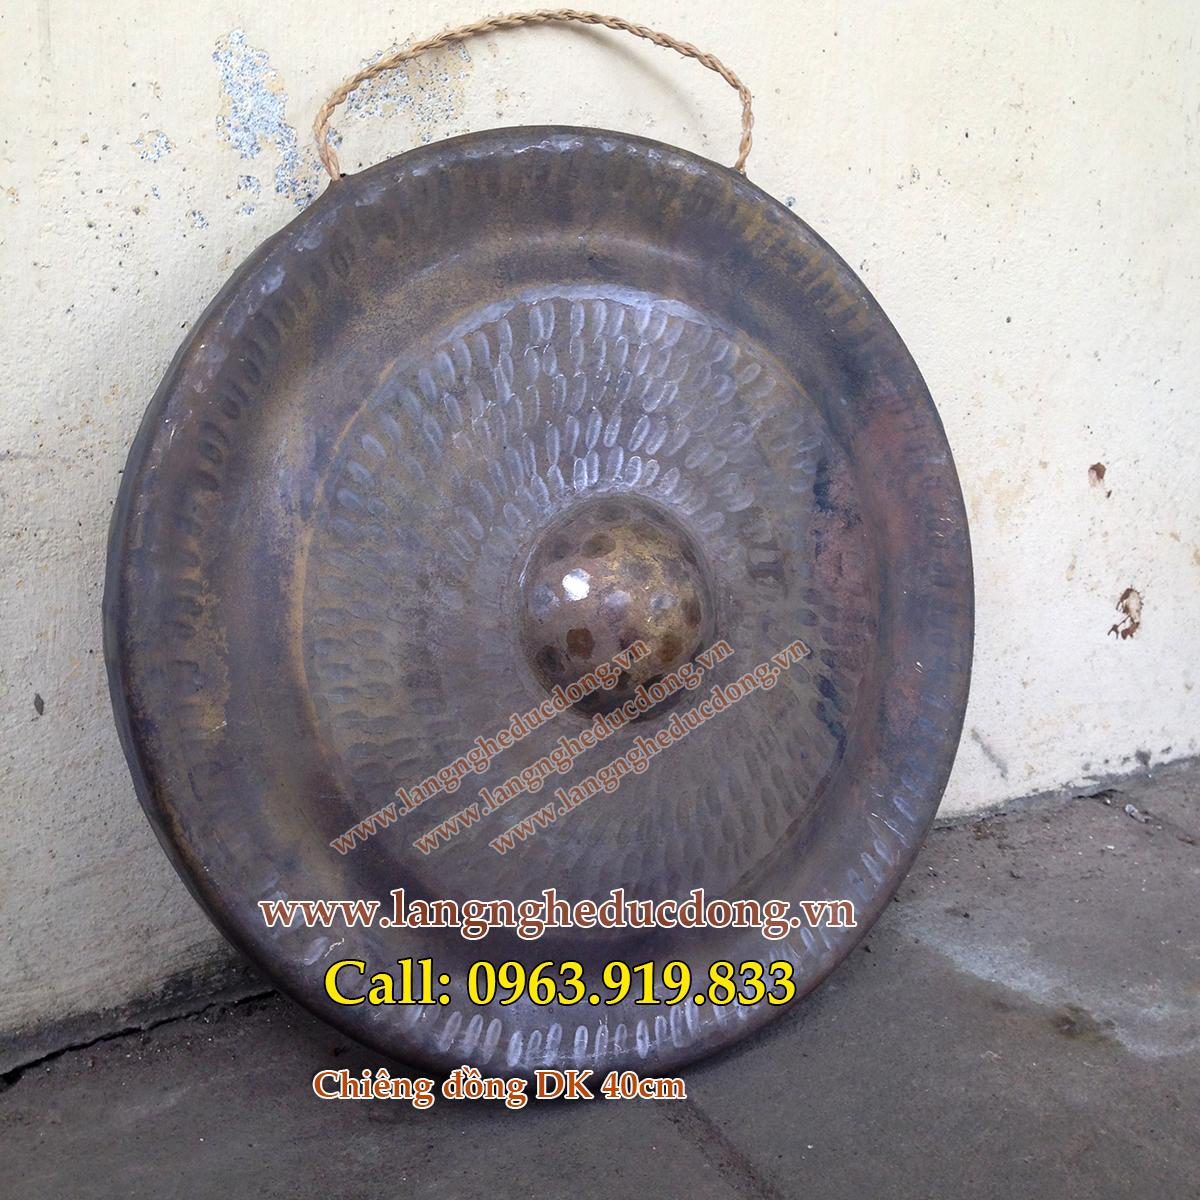 langngheducdong.vn - Chiêng đồng, Chiêng bằng đồng vàng đường kính 40cm